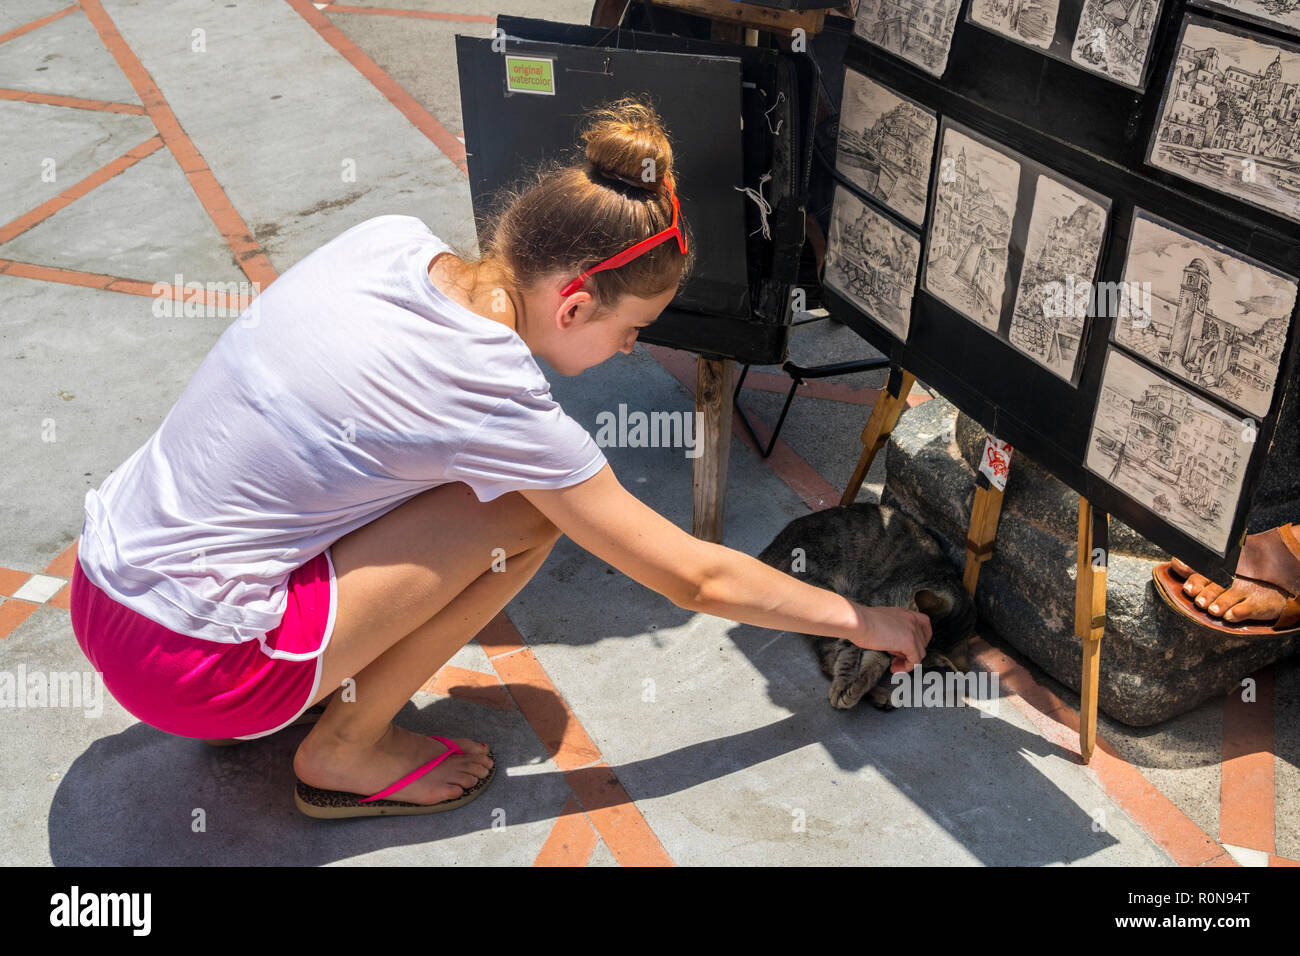 Bambine accarezzare un gatto selvatico, arte stand, che mostra il concetto di amore, amore animali concetto, lazy cat, gentilezza mitezza, dolce e amorevole animali Immagini Stock